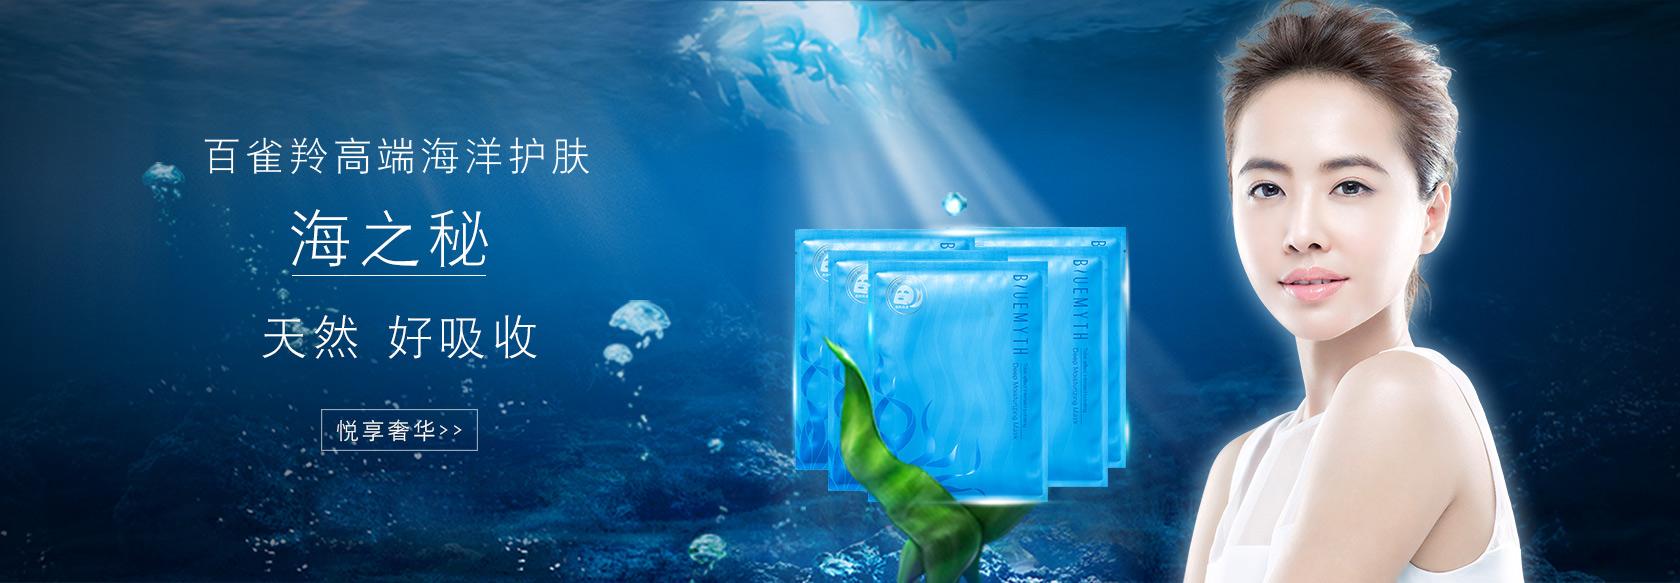 海之秘海洋护肤-国美商城国美团购大全_价格_活动